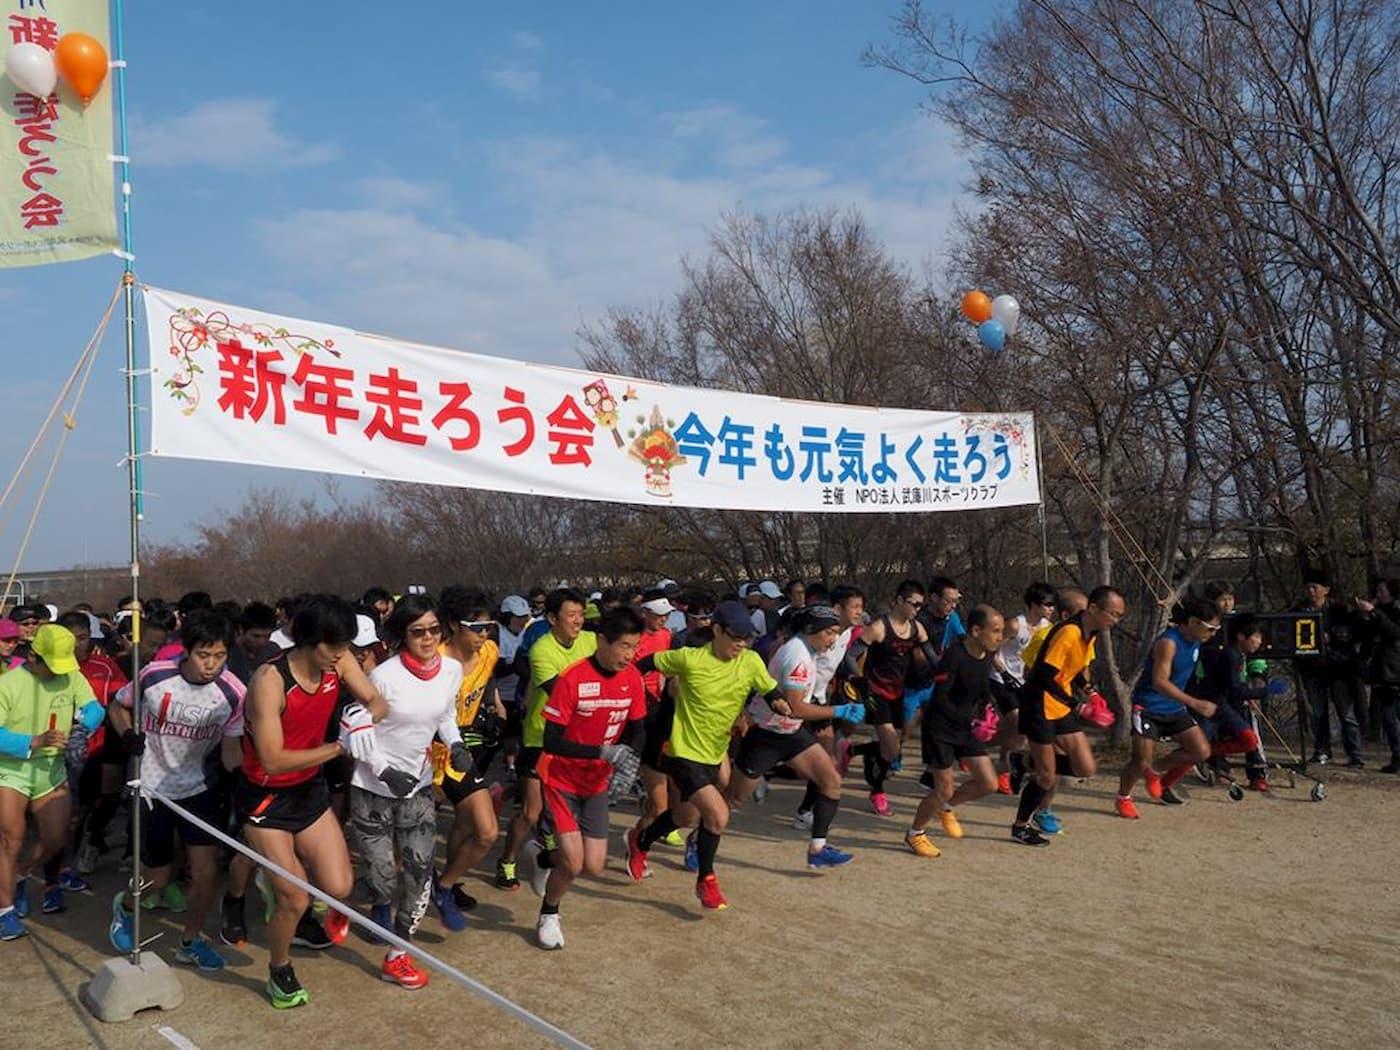 武庫川ペアハーフマラソン   兵庫県